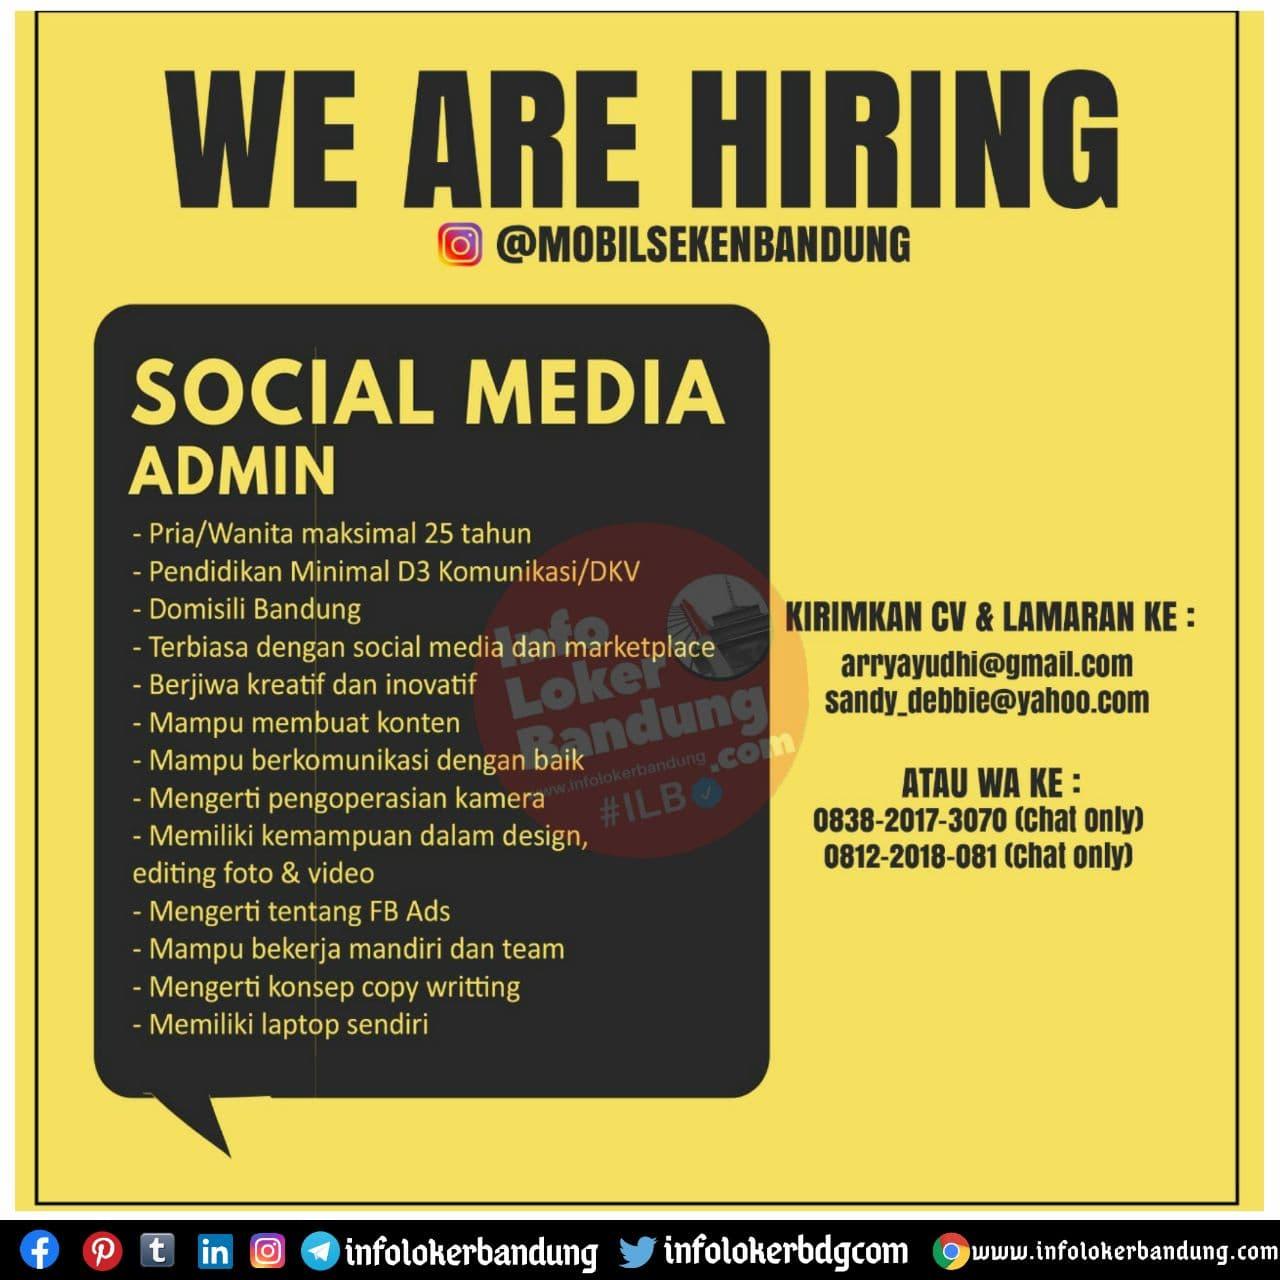 Lowongan Kerja Social Media Admin Mobil Seken Bandung November 2020